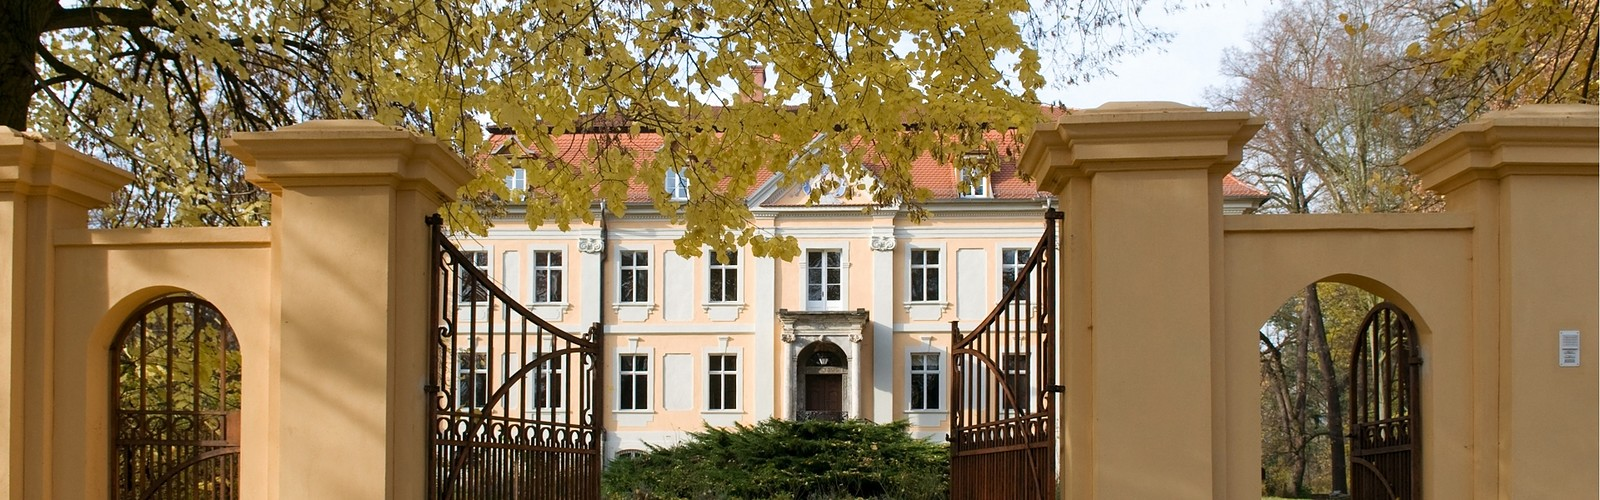 Willkommen auf Schloss Stülpe , Foto: Barbara Rupilius